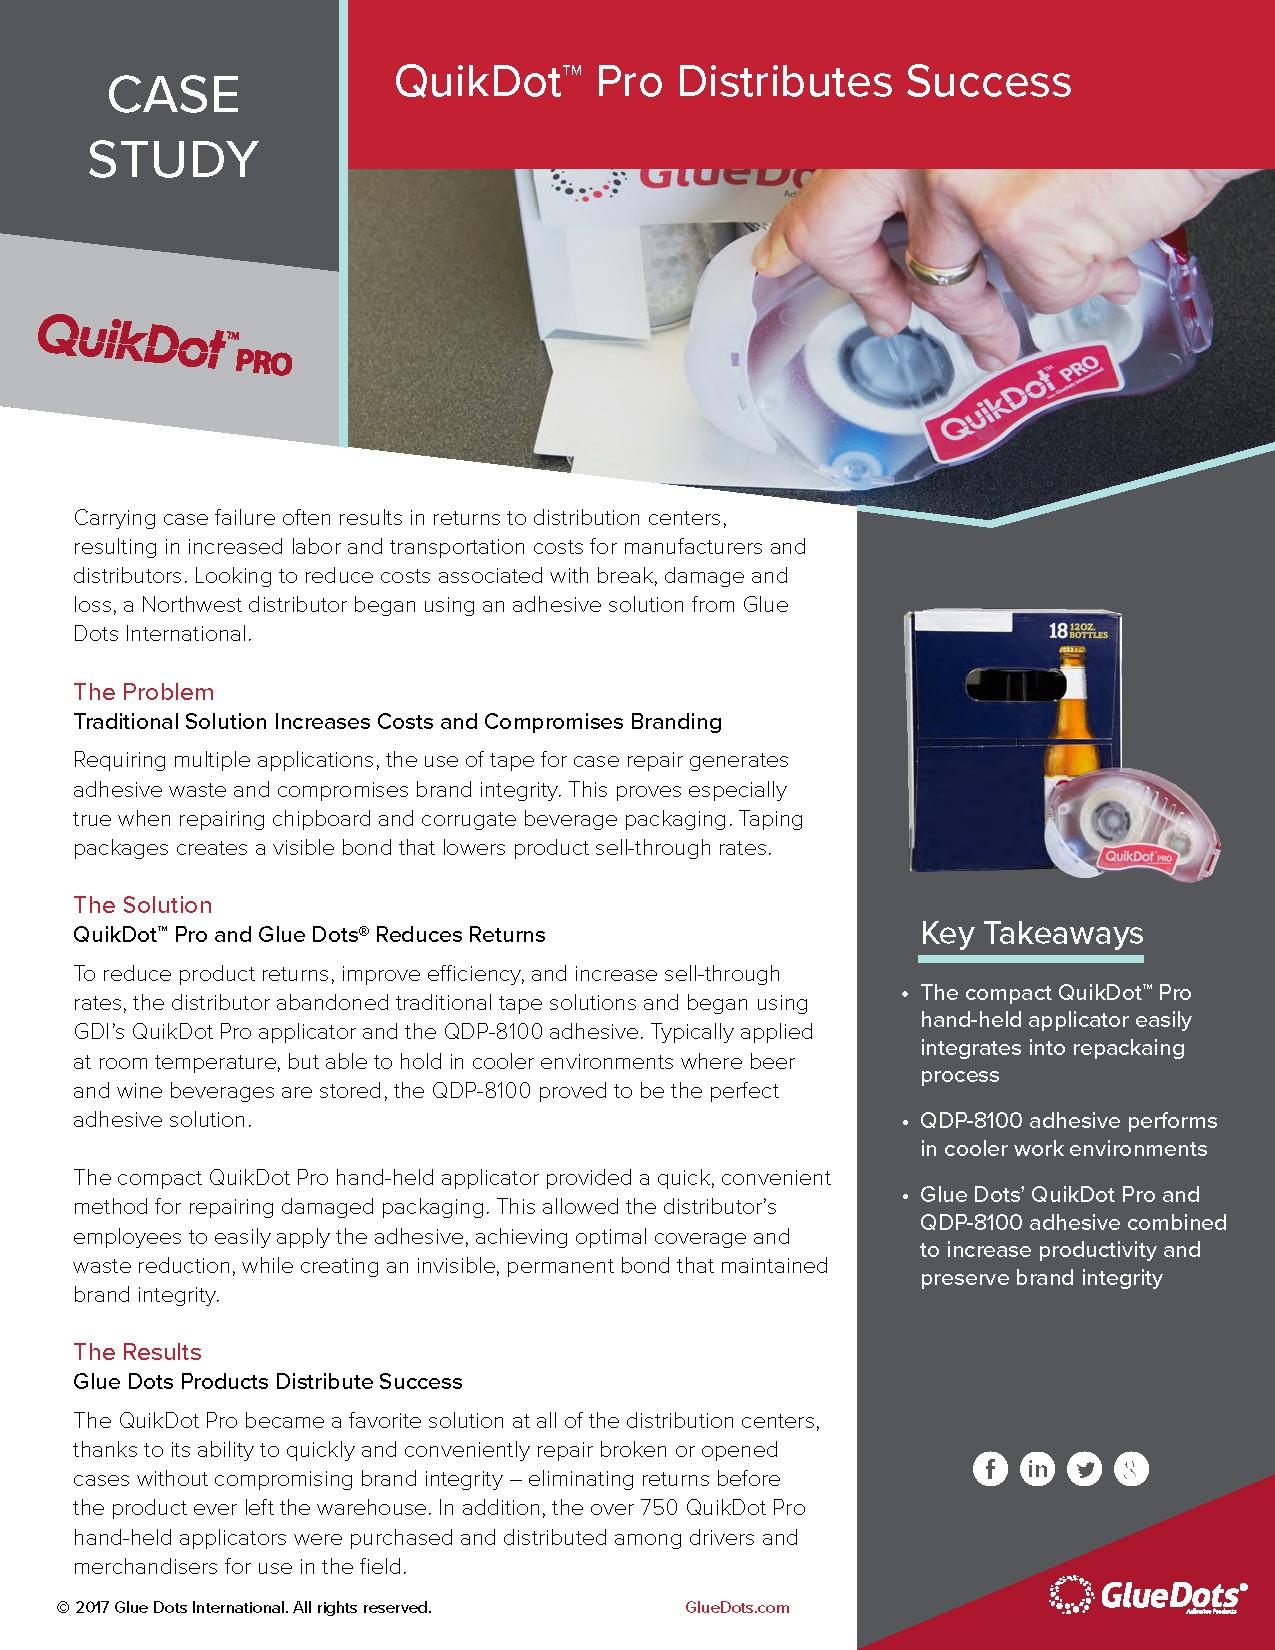 Glue_Dots_QuikDot_Pro_DistSuccess_CaseStudy.jpg